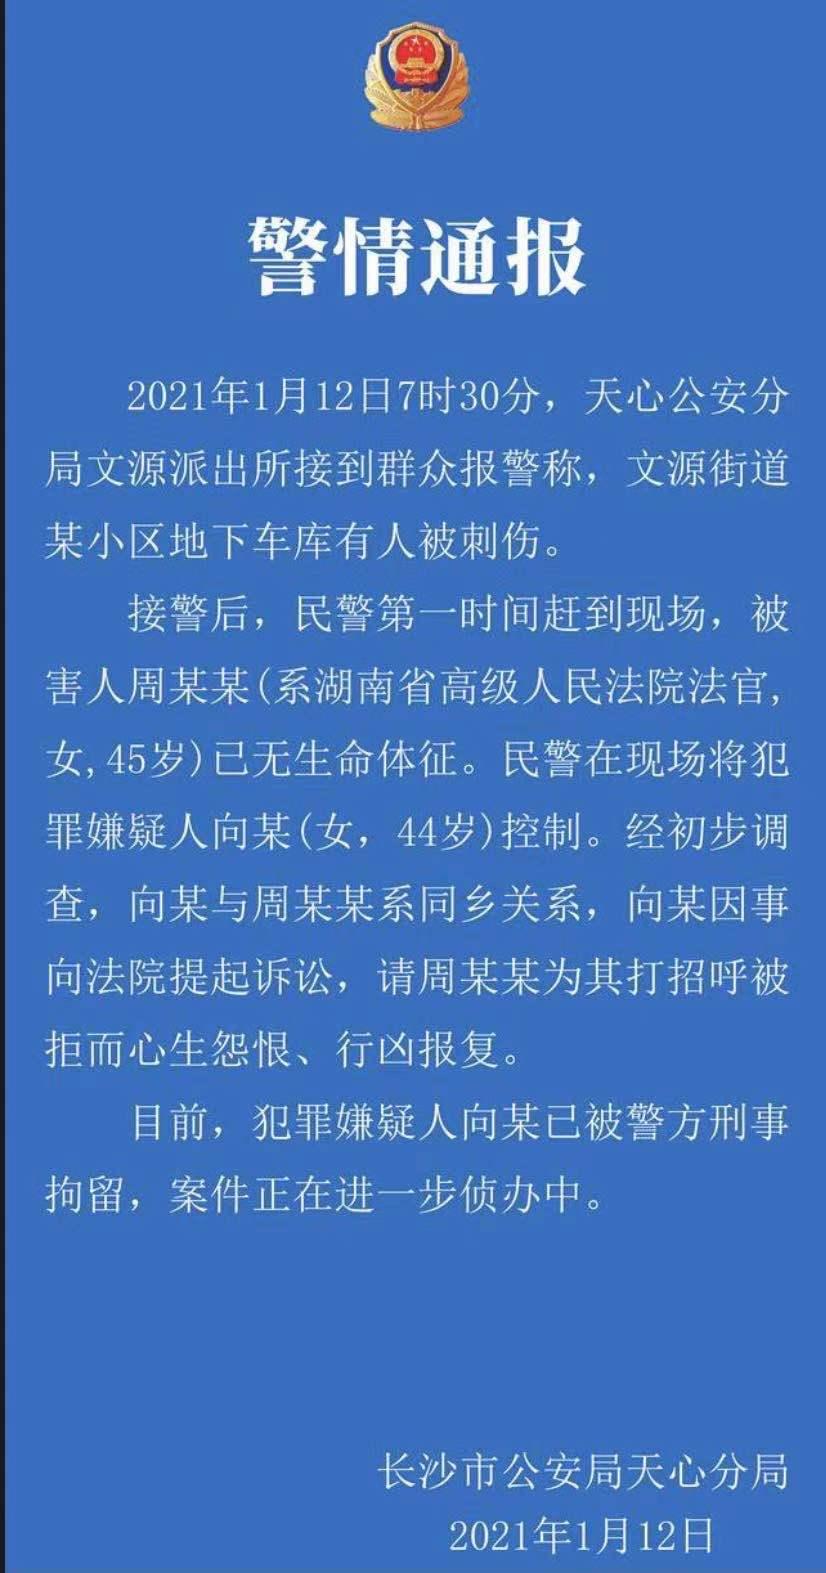 湖南高院一女副庭长被刺身亡,嫌疑人系死者同乡,请托被拒后行凶报复,已被警方刑拘